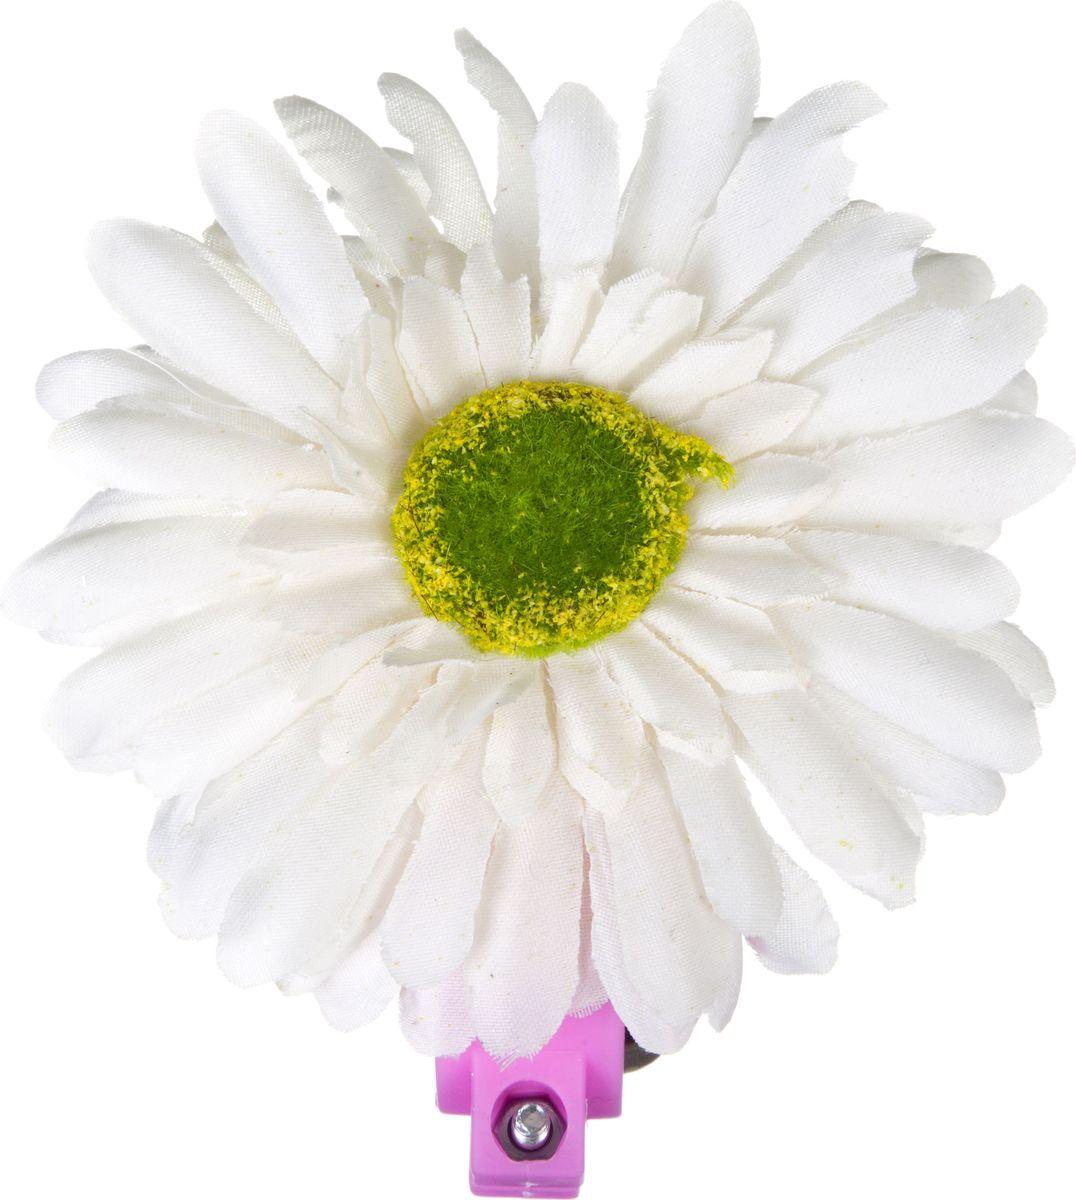 Звонок велосипедный STG Цветок 24AH, детский насос велосипедный stg gp 46l ручной